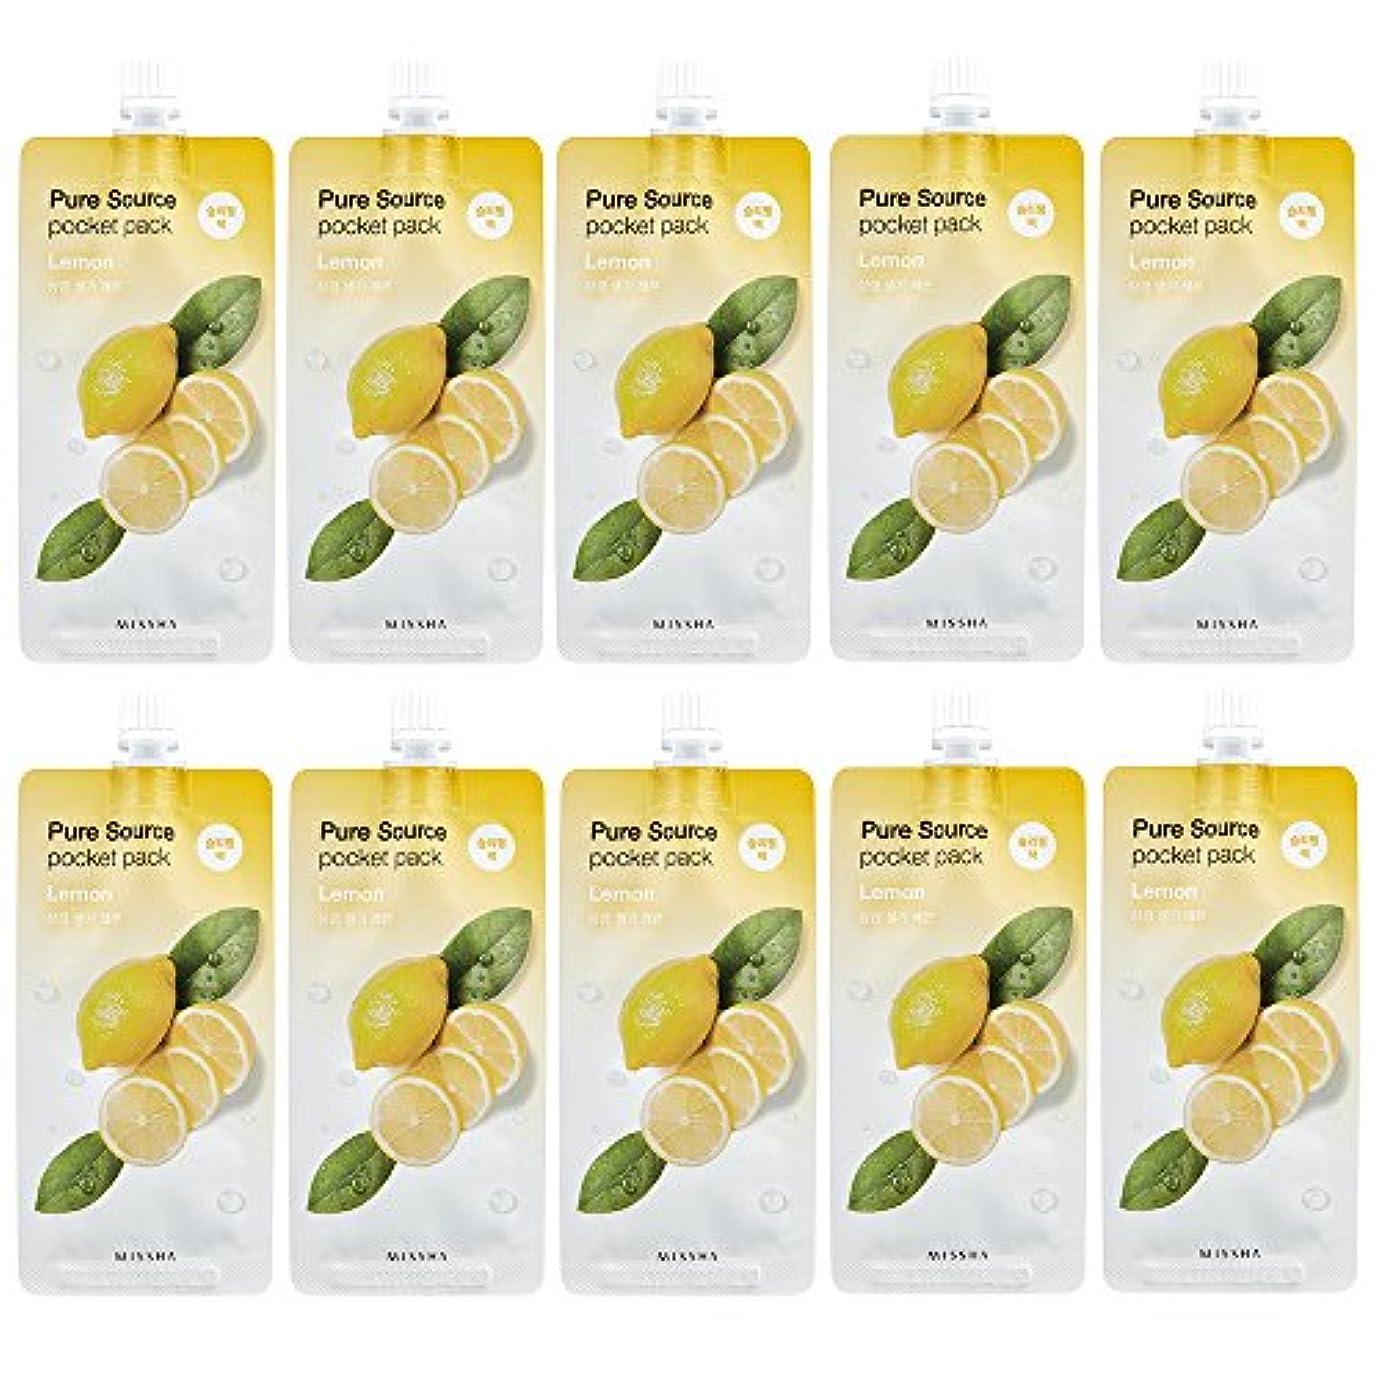 誤解を招く忠実に写真のミシャ ピュア ソース ポケット パック 1個 レモン(スリーピングパック)